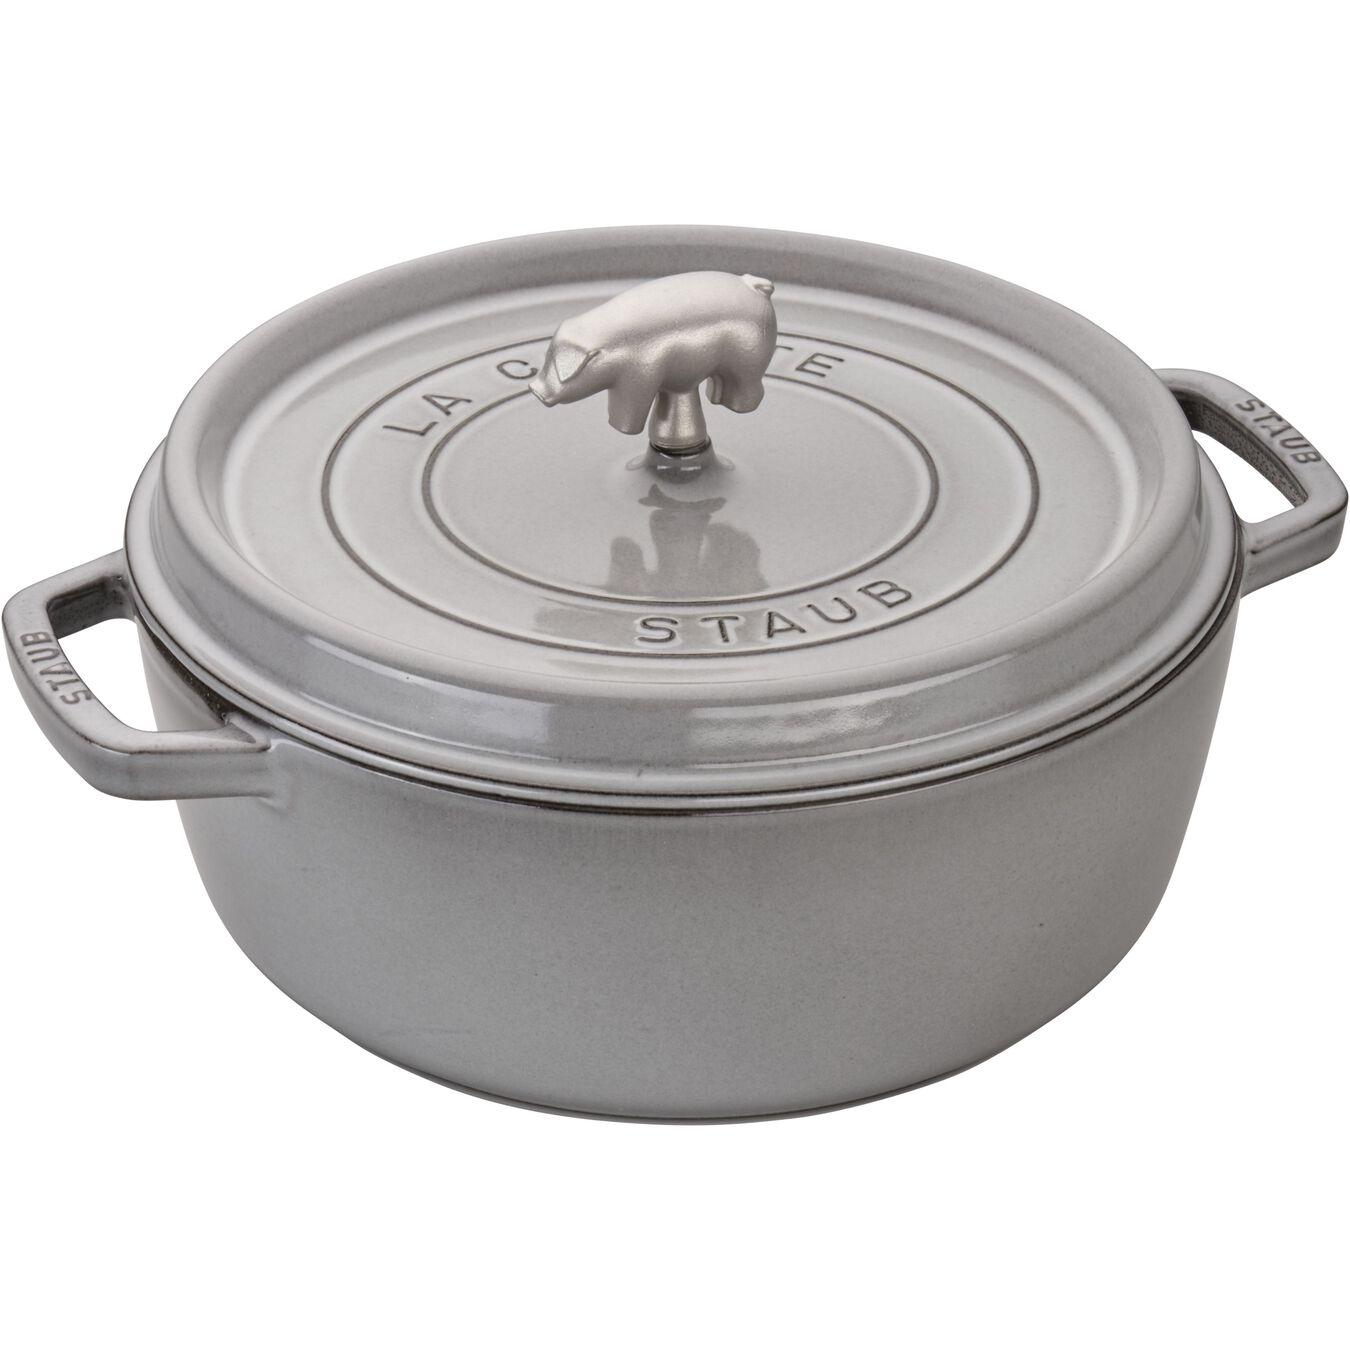 6-qt Cochon Shallow Wide Round Cocotte - Graphite Grey,,large 1